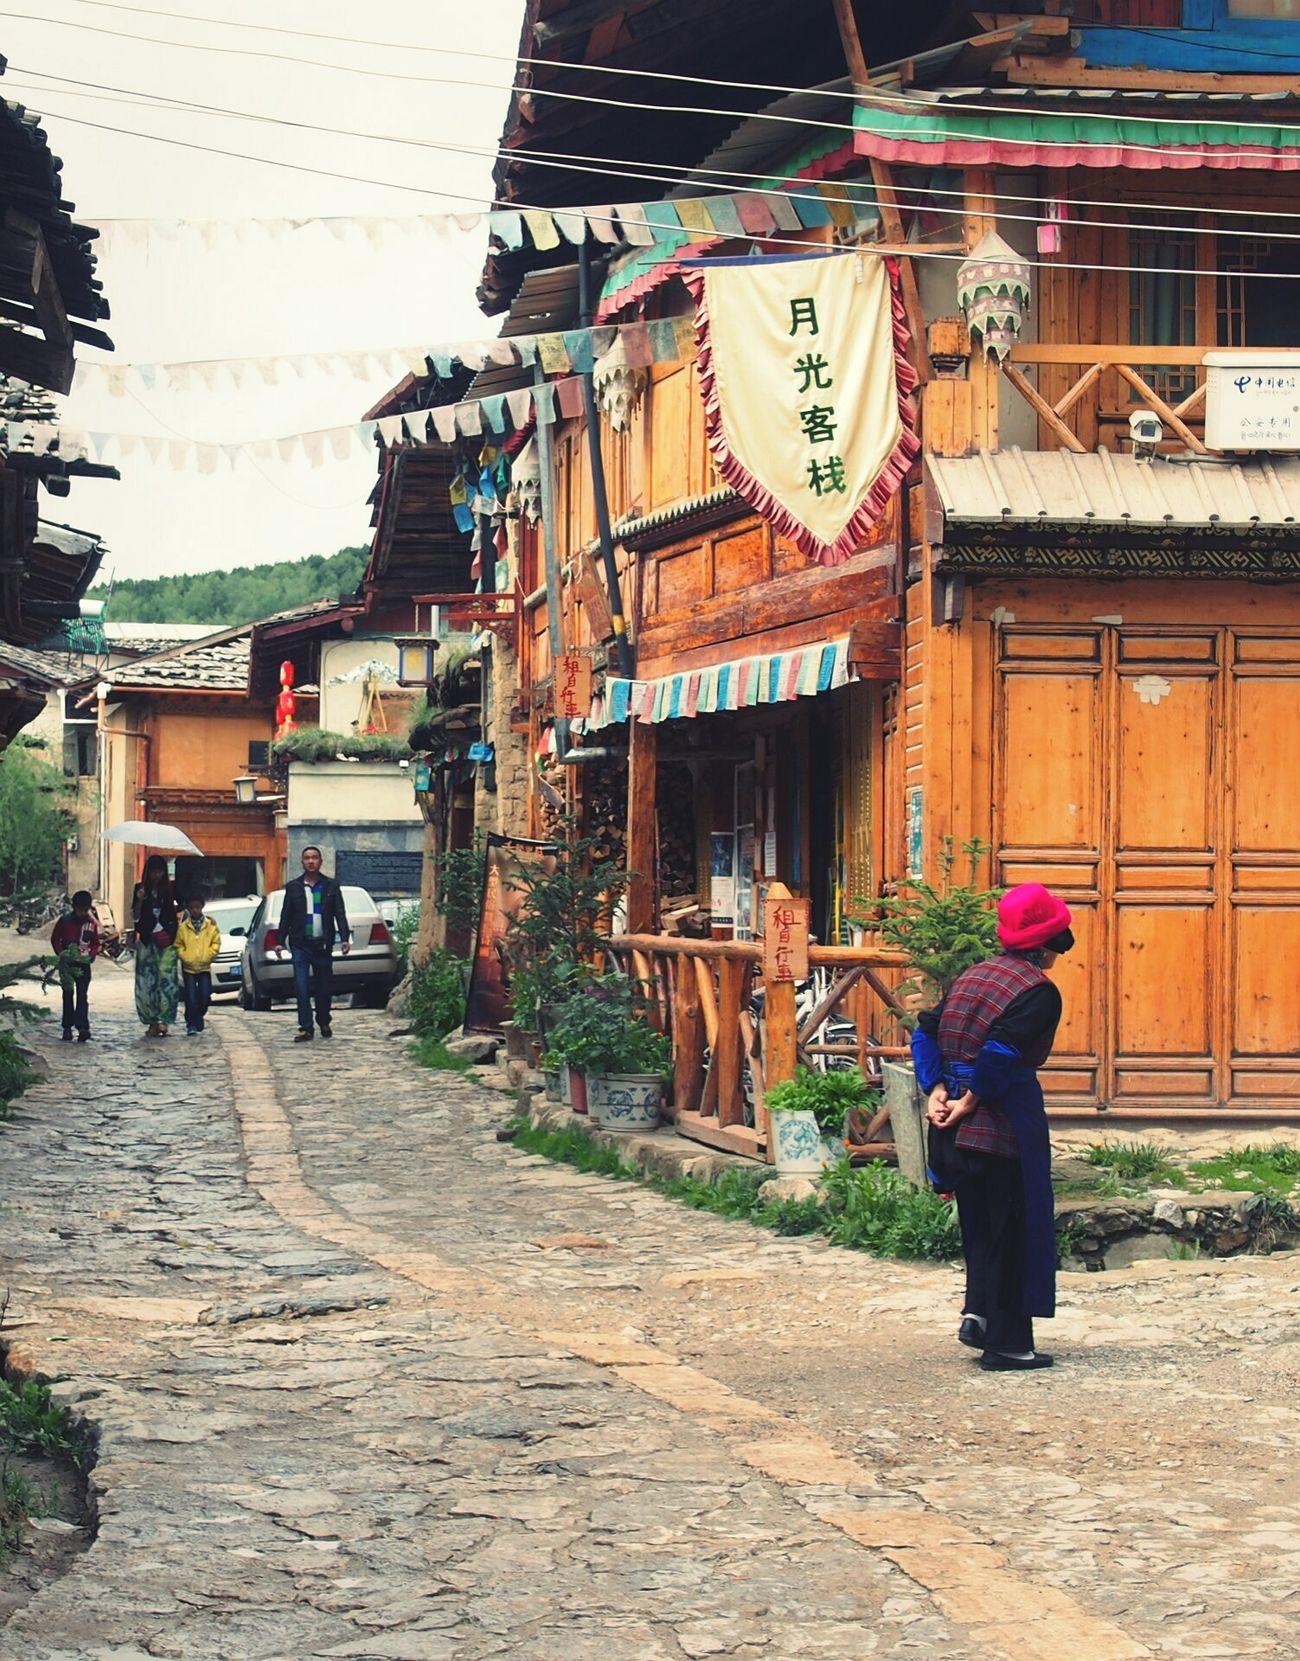 香格里拉古城。 Yunnan ,China Starting A Trip Taking Photos Carmine Traveling Sunshine And Summer Time Inn